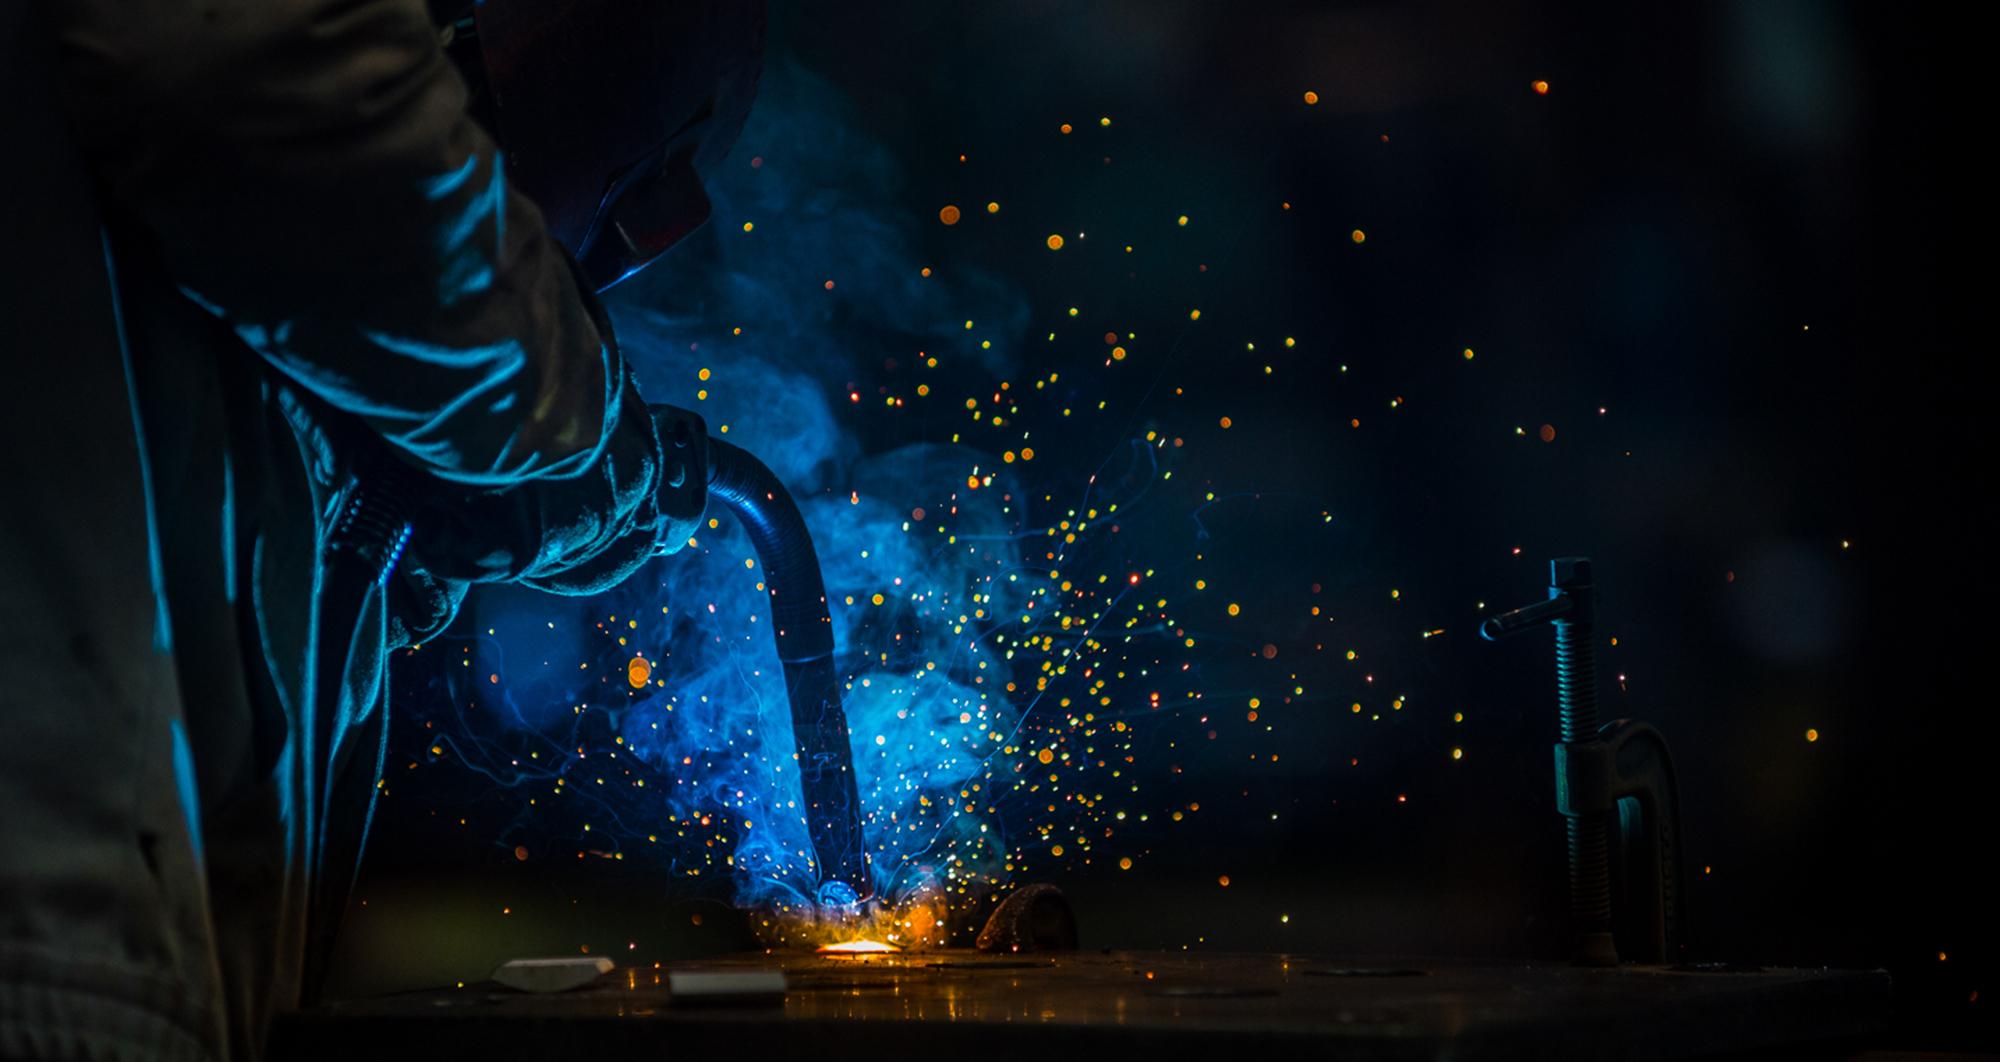 西部鉄工|製造課|溶接